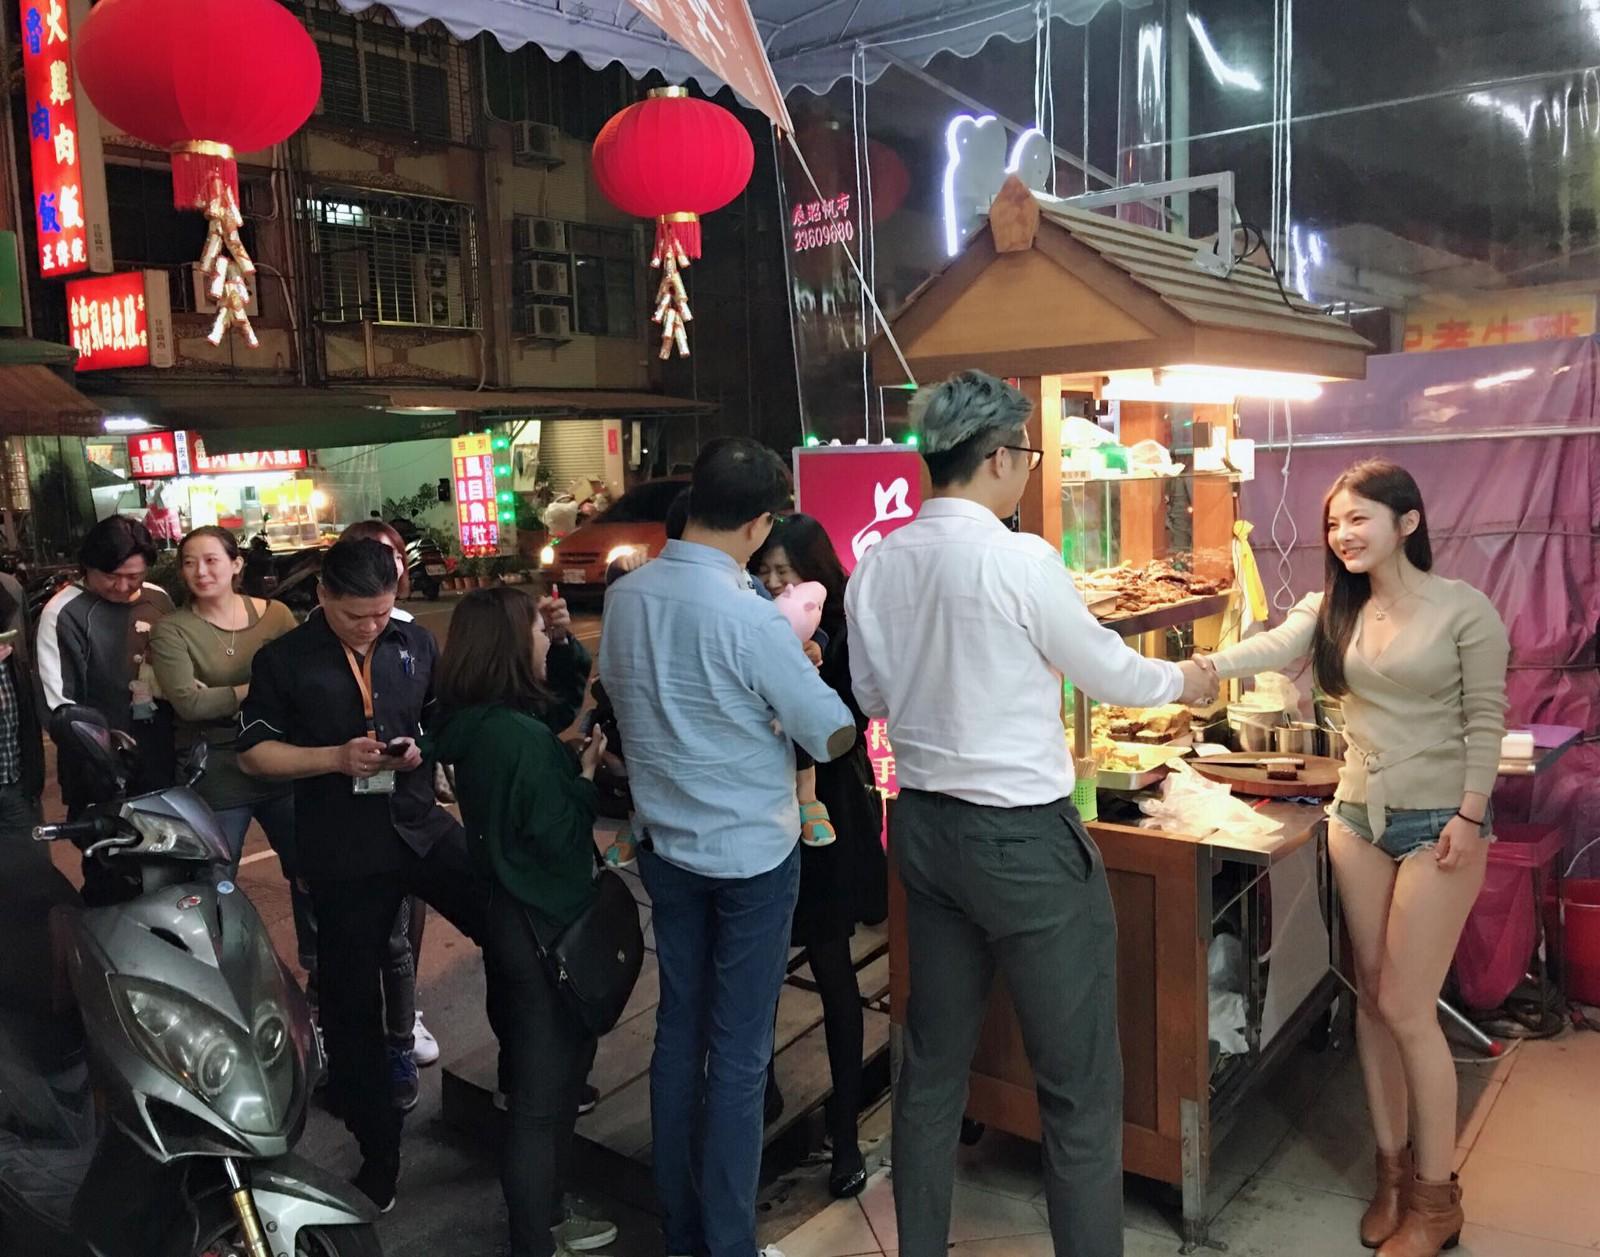 seoang pedagang daging di shanhai cina baru bari ini menghebohkan media  sosial  c67ab8bb9f